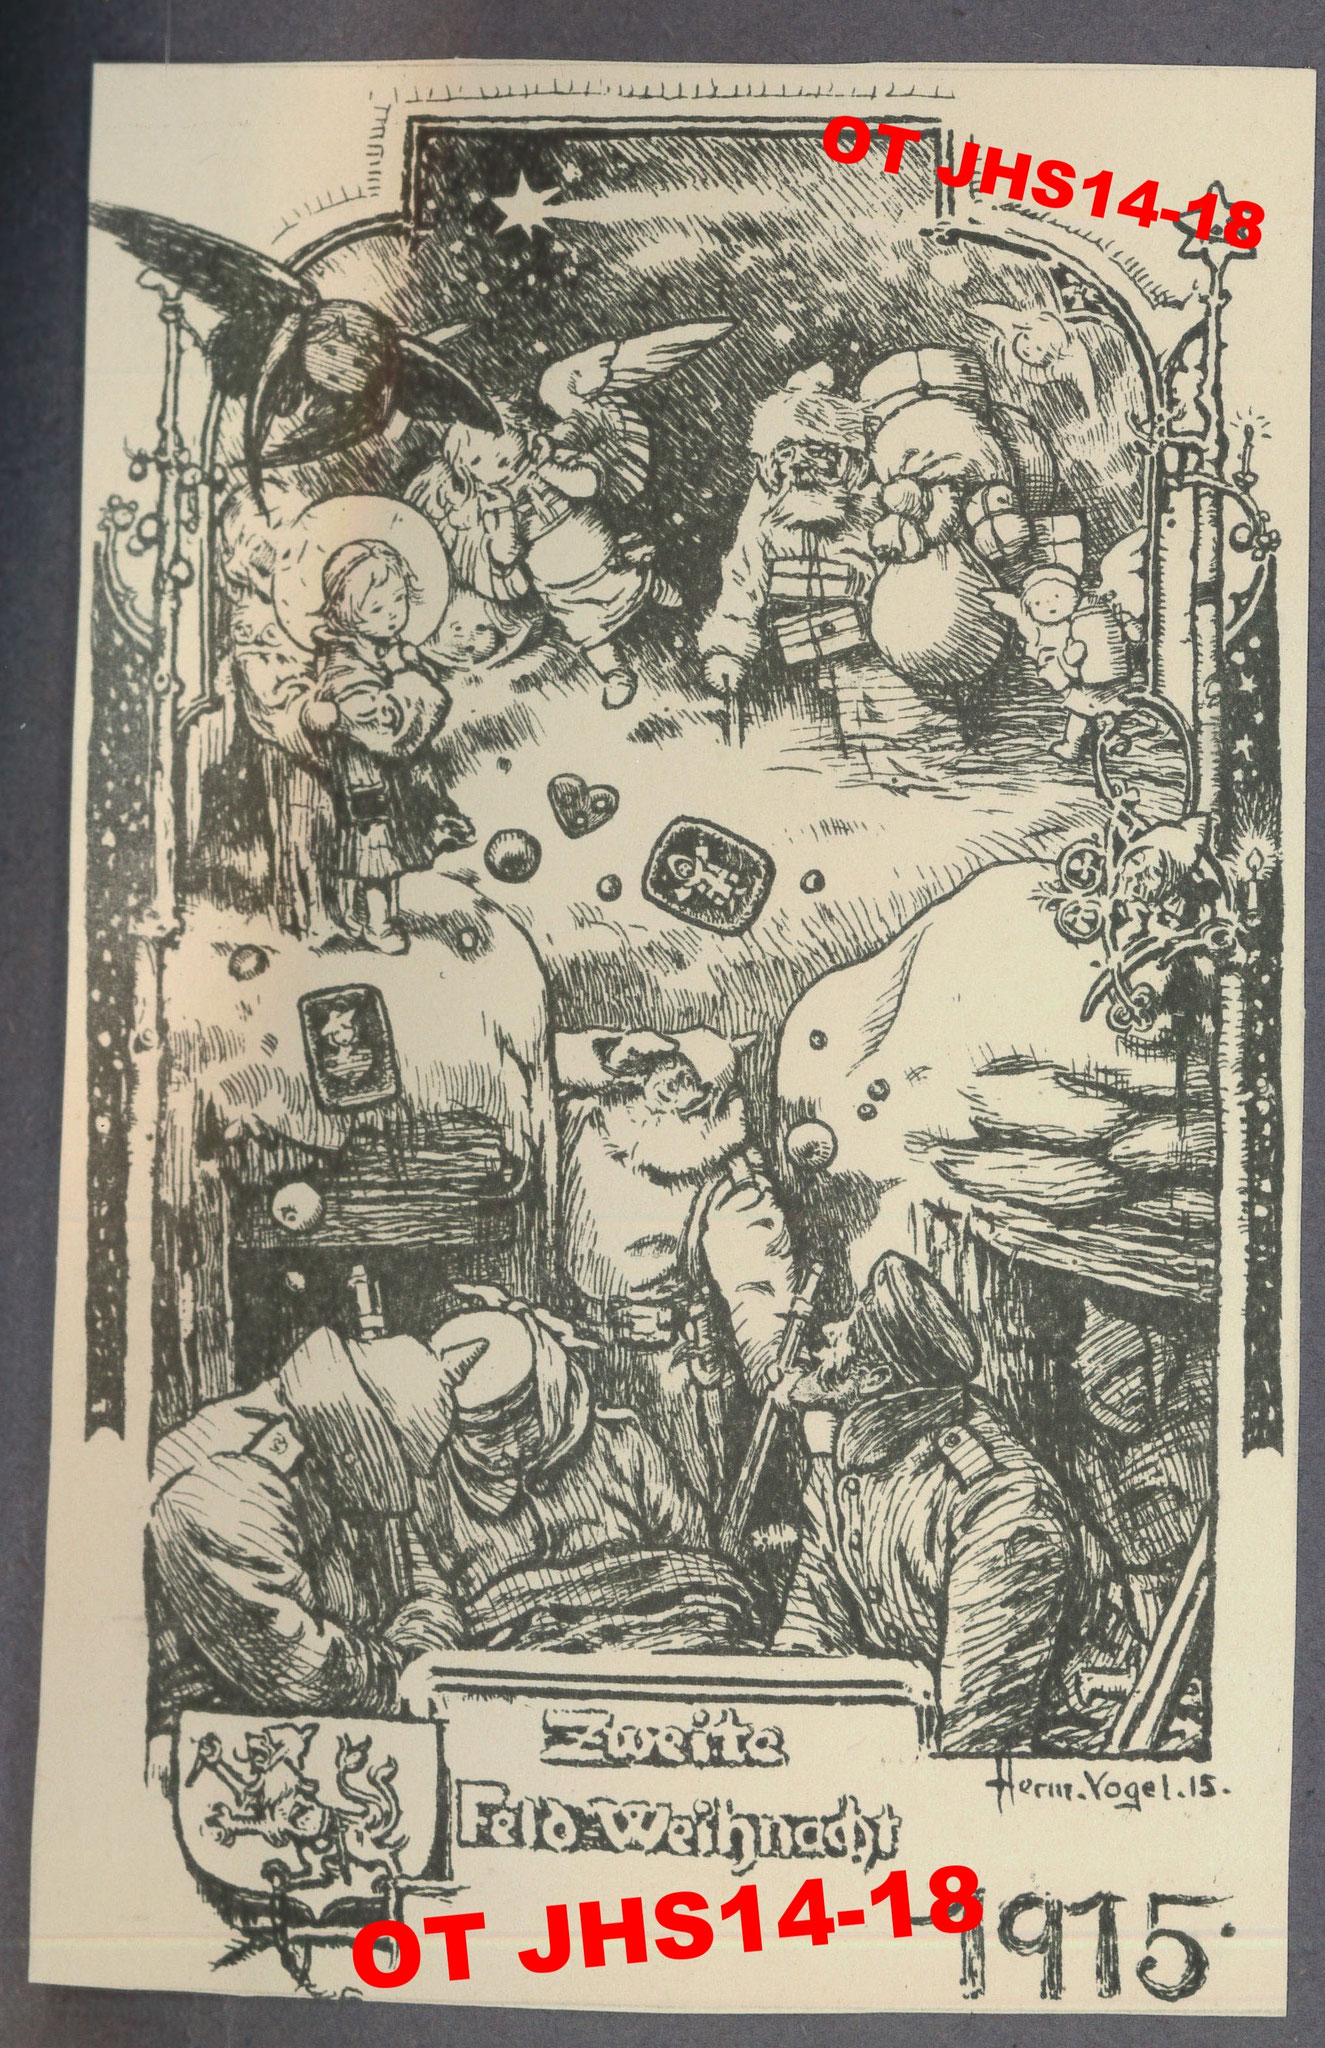 Archives OT JHS14-18 - carte de Noël allemande 1915 extraite du livre de Ernst Kopp (Reproduction et copie interdites)